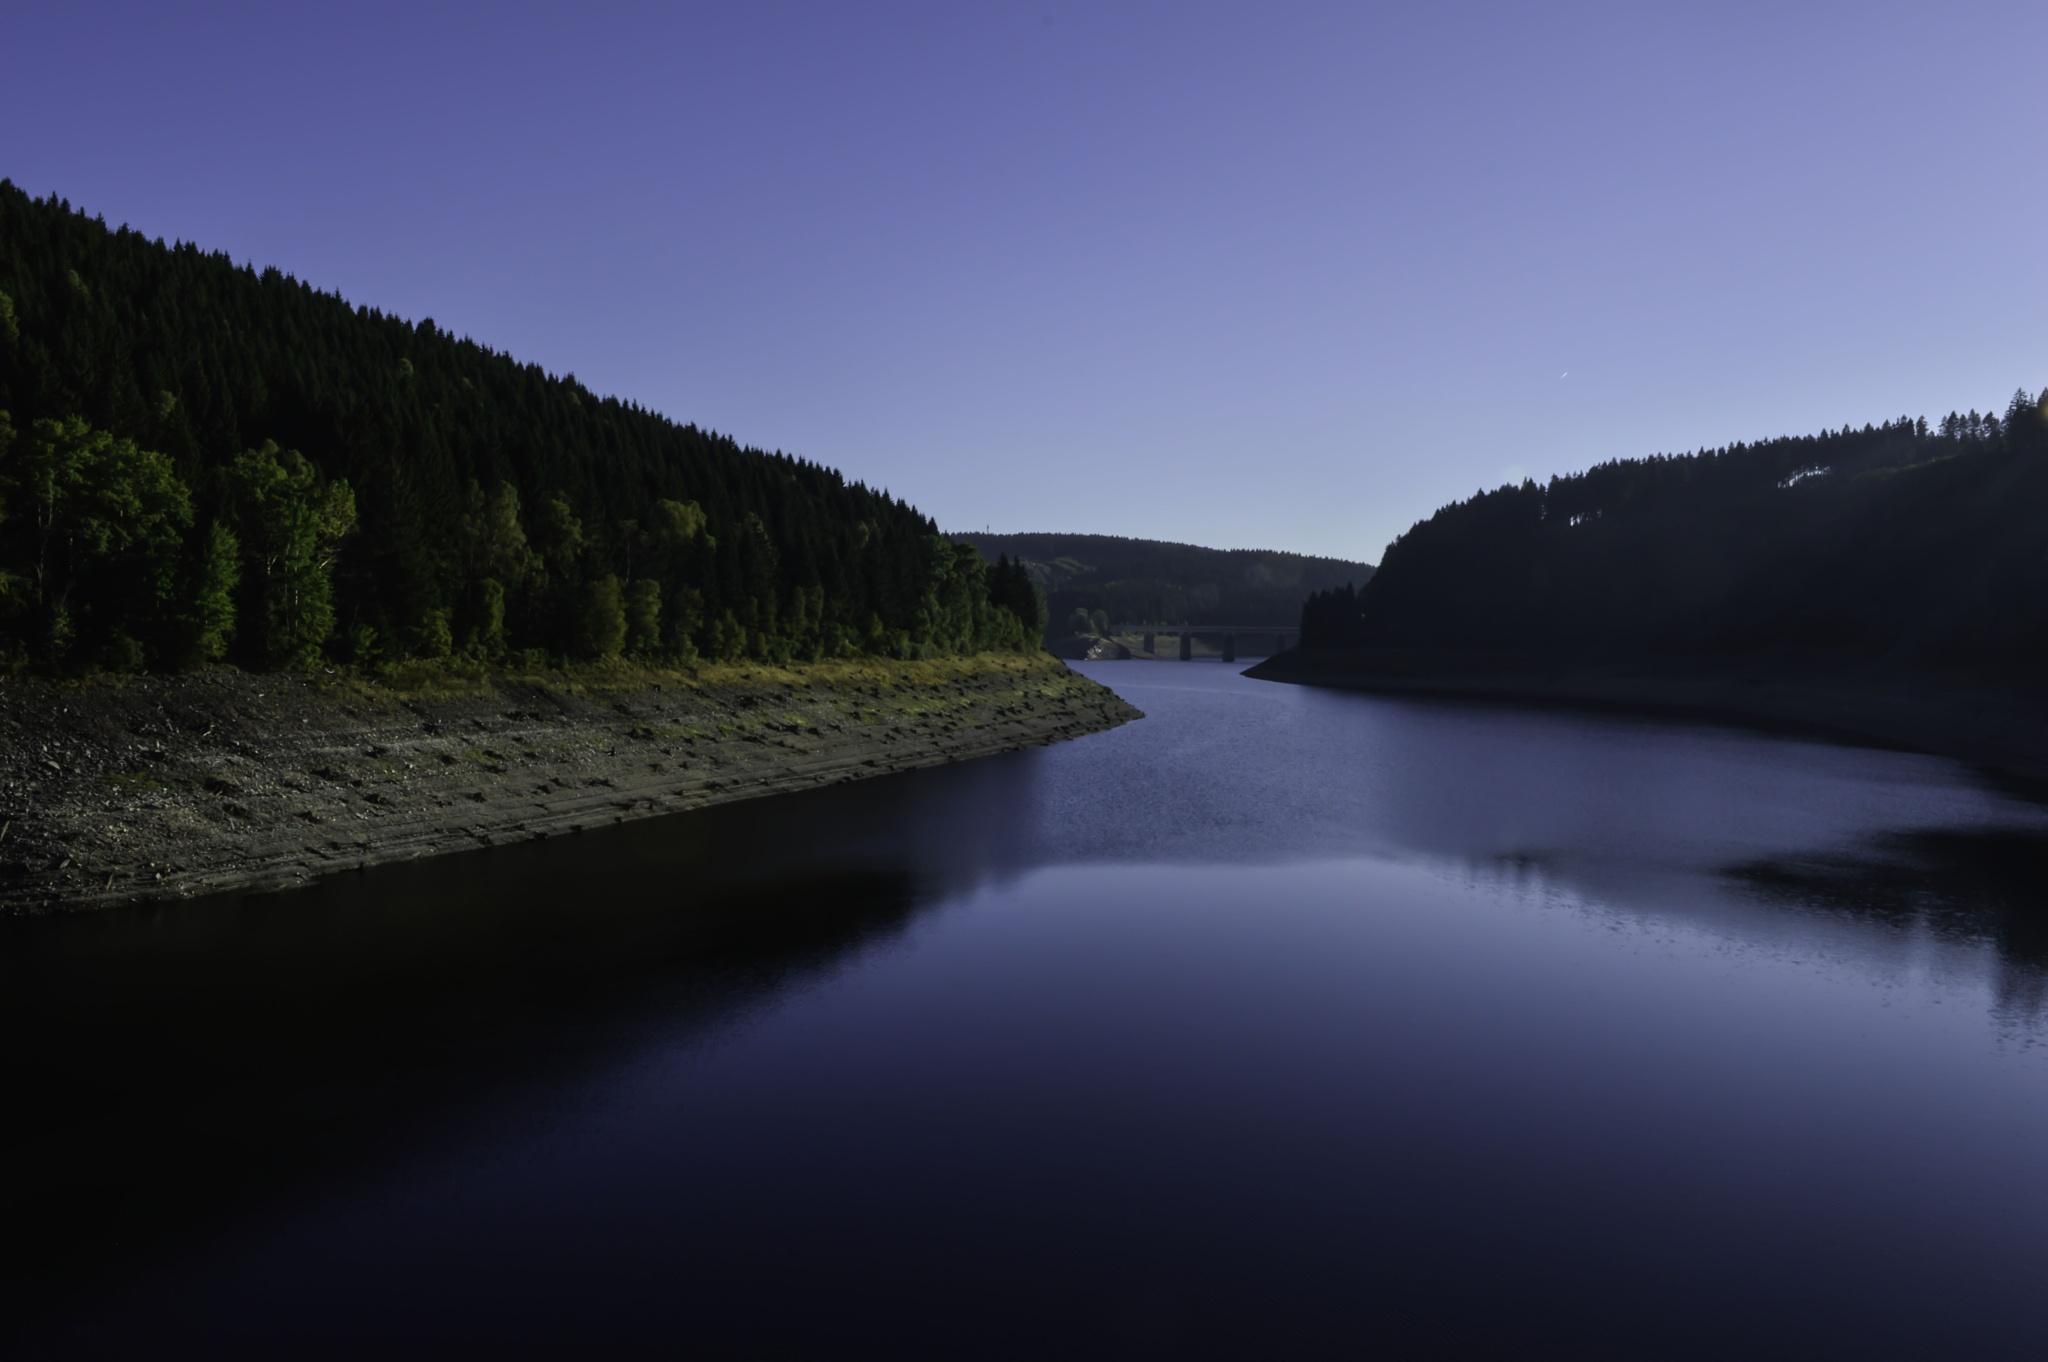 Oker Dam by Ahi Von B